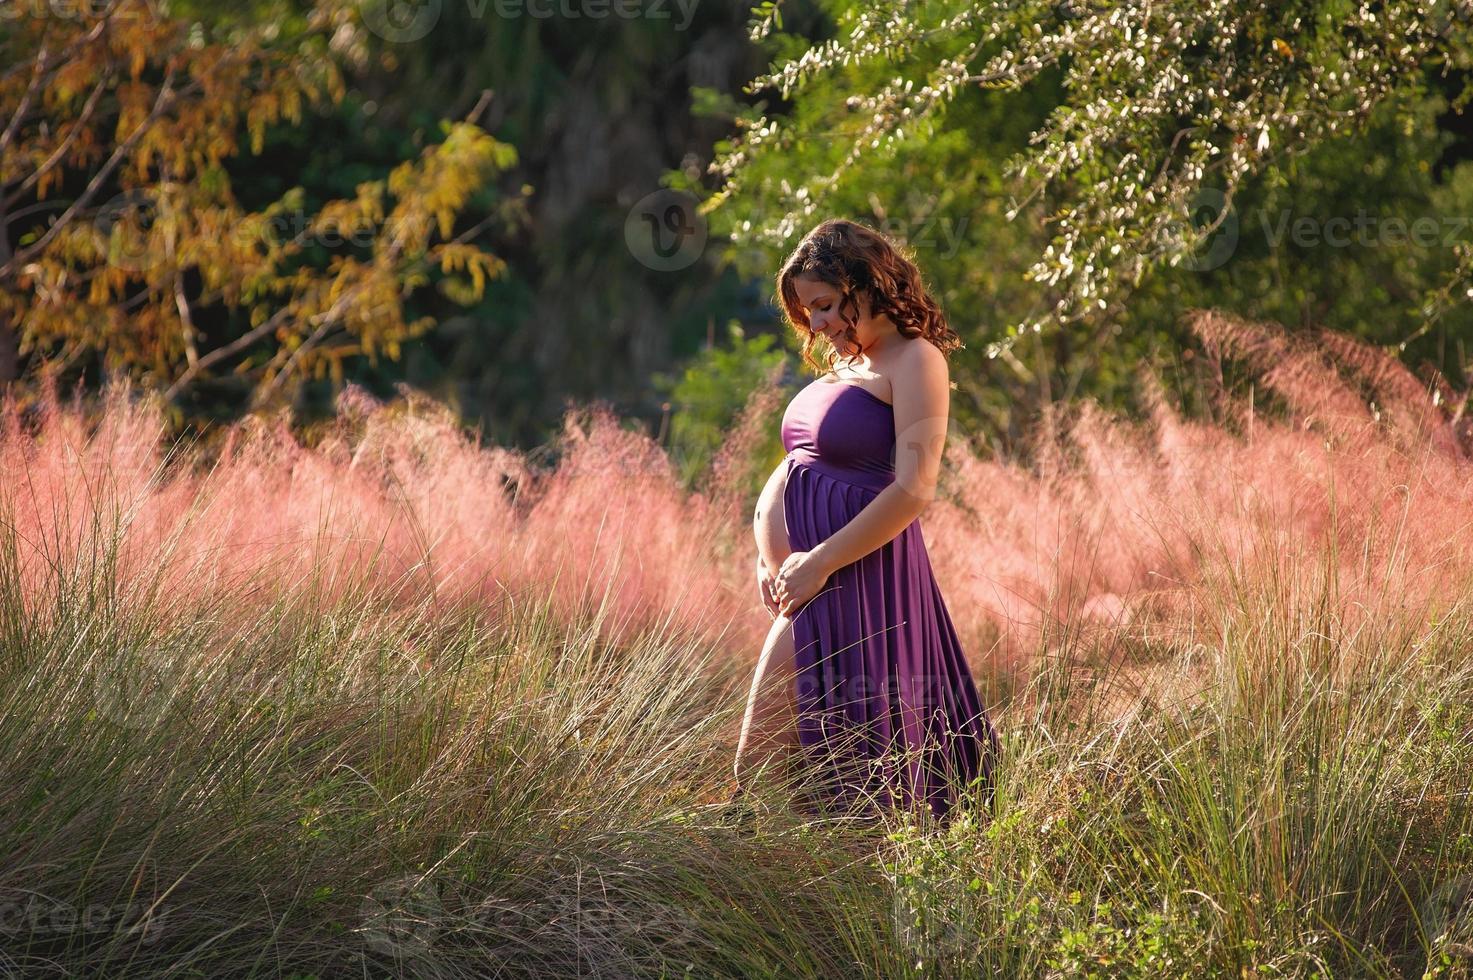 le gravid kvinna stående i färgglada lövverk foto